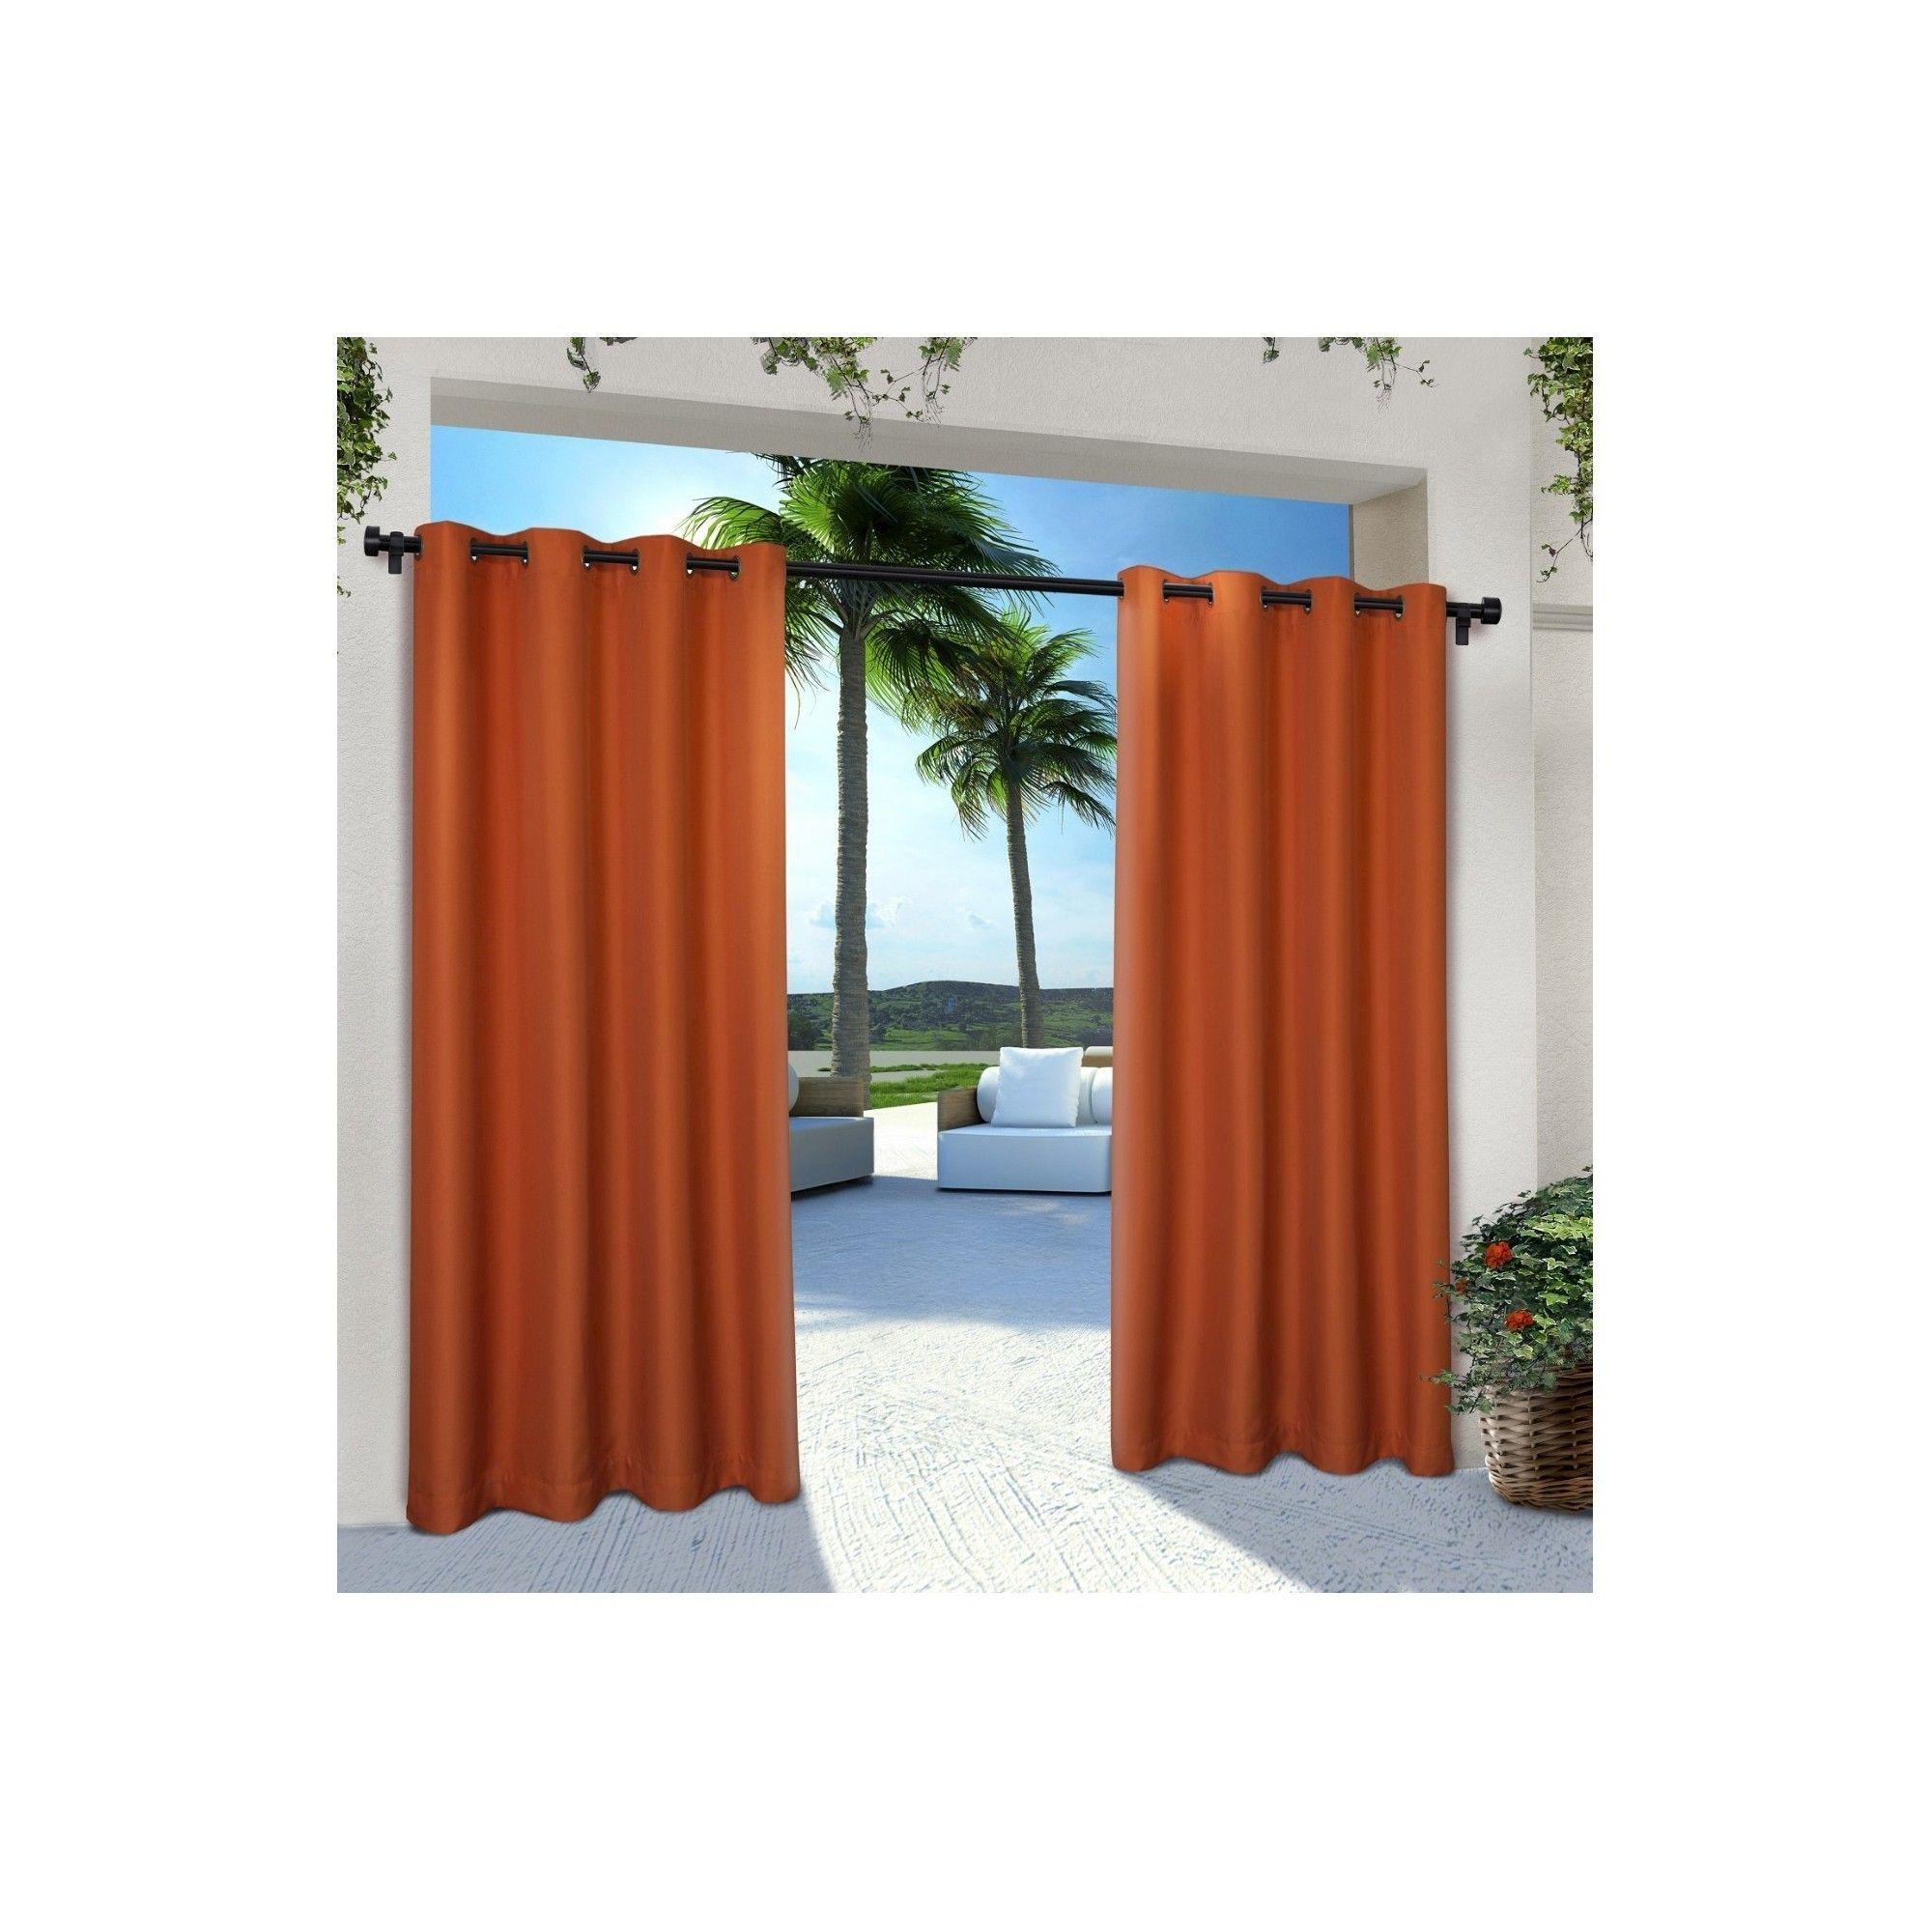 Indoor/outdoor Solid Cabana Grommet Top Window Curtain Panel Inside Indoor/outdoor Solid Cabana Grommet Top Curtain Panel Pairs (View 17 of 20)